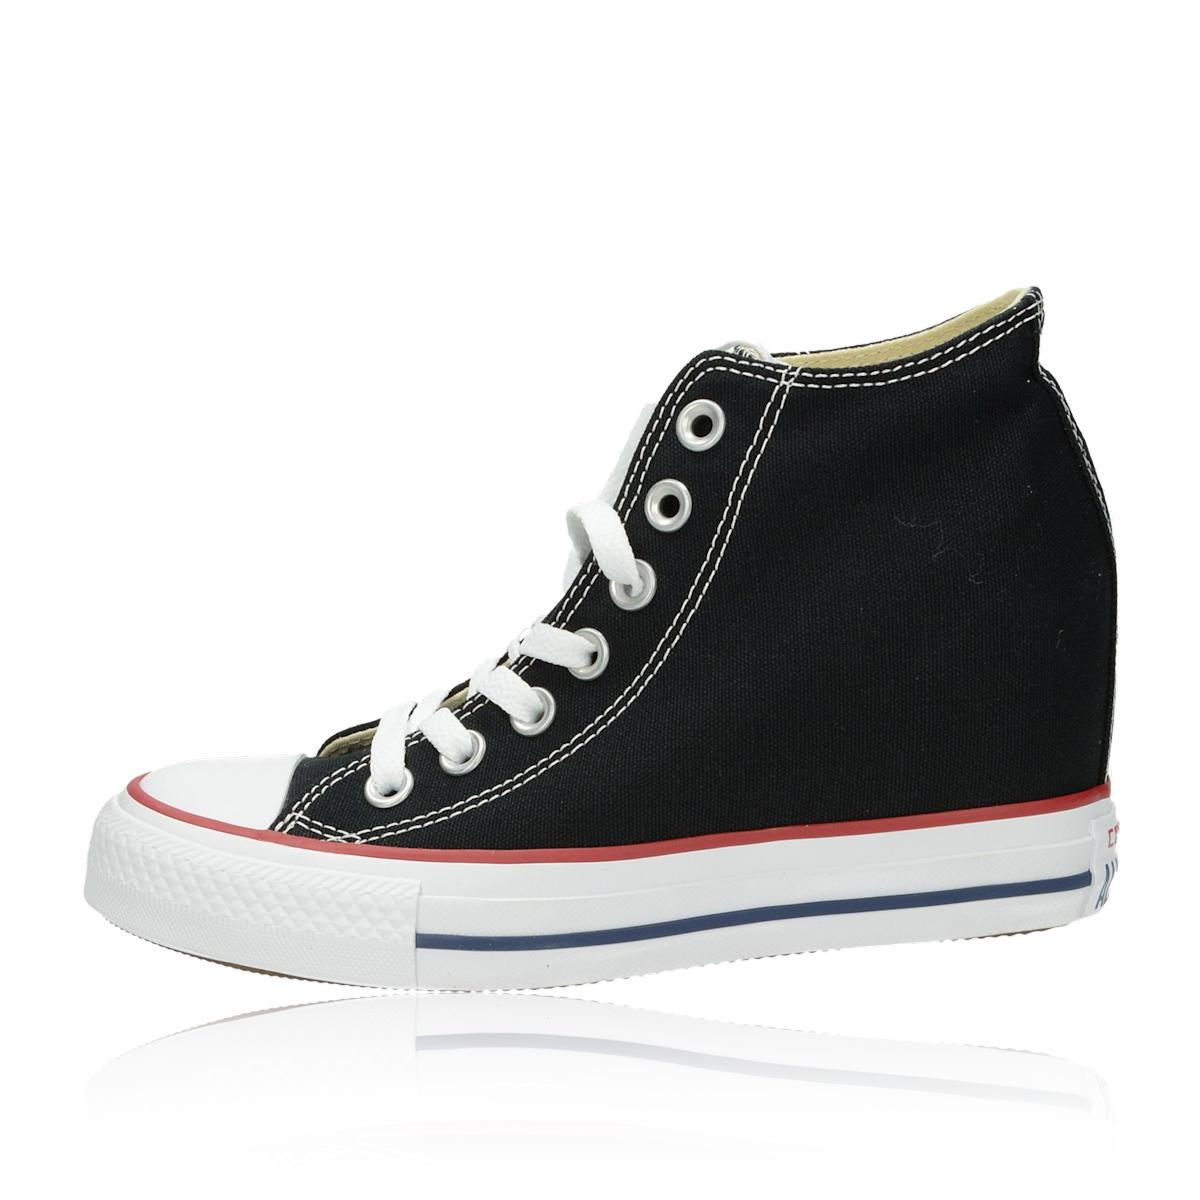 04d580f25 Converse dámske tenisky - čierne Converse dámske tenisky - čierne ...